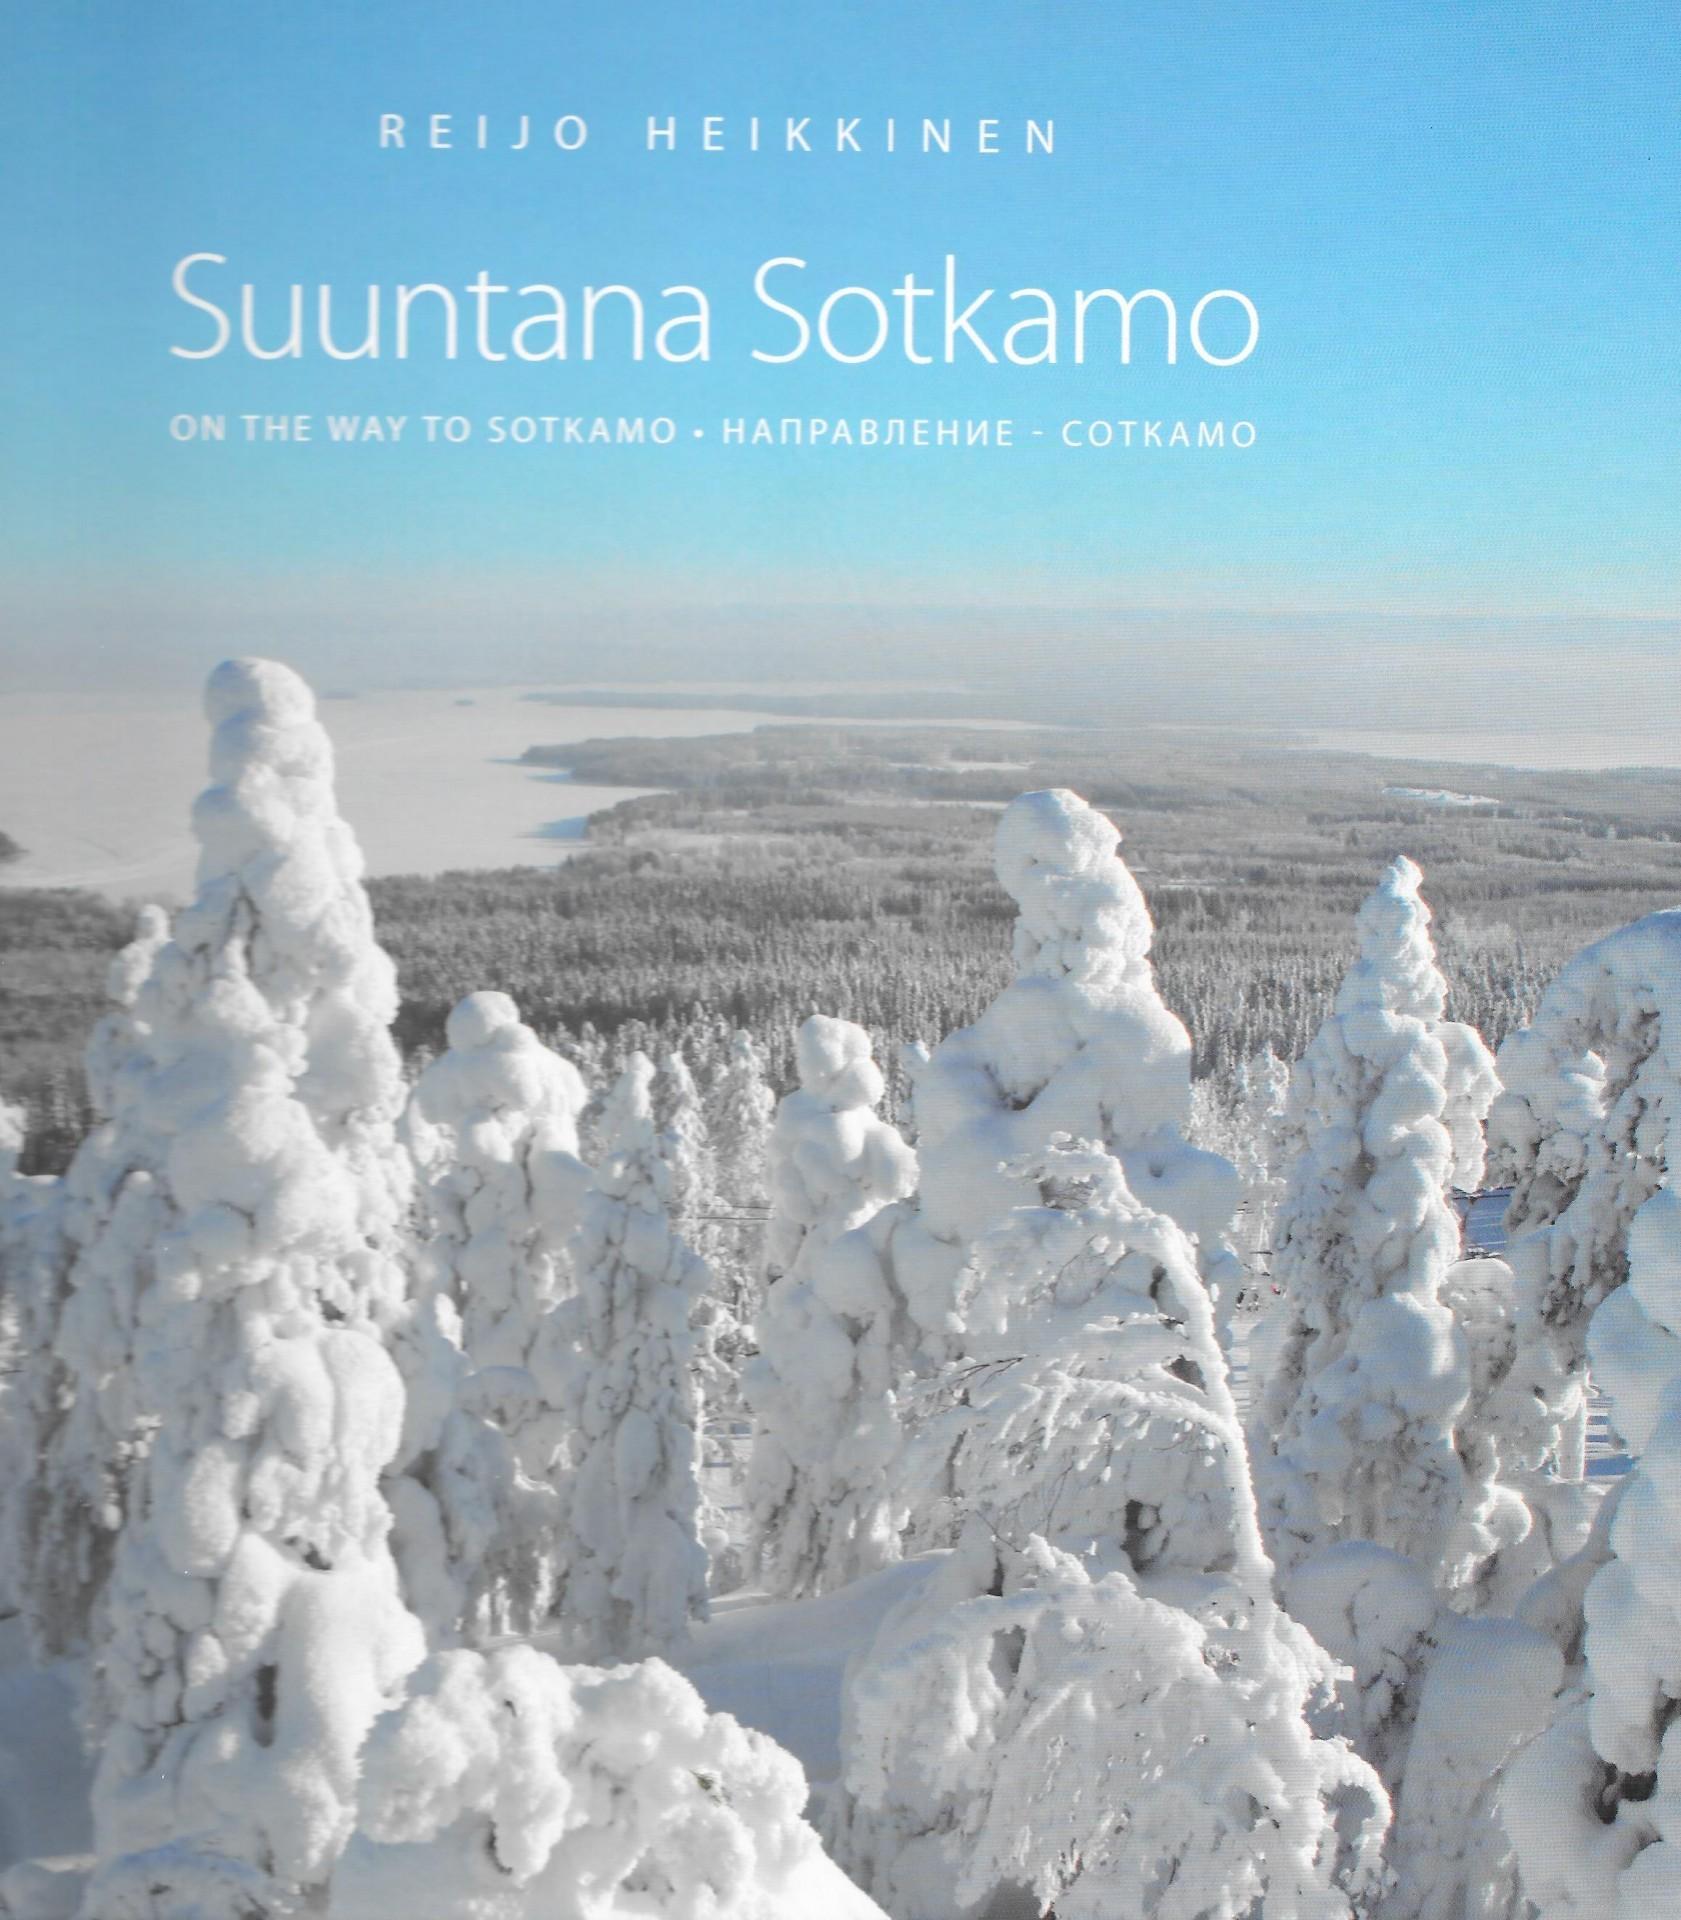 Suuntana Sotkamo 2011